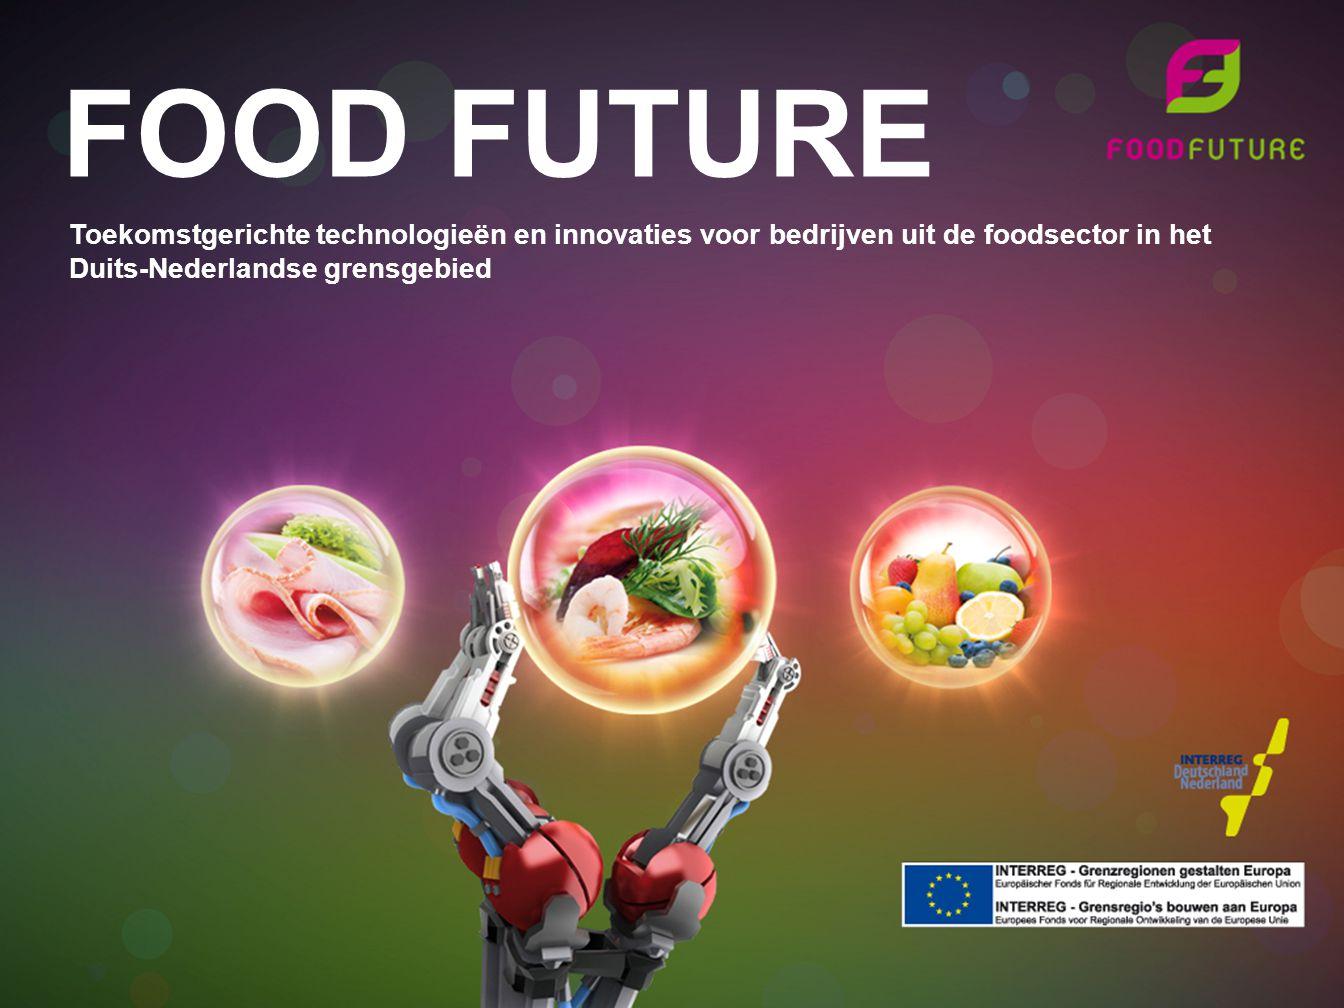 FOOD FUTURE Toekomstgerichte technologieën en innovaties voor bedrijven uit de foodsector in het Duits-Nederlandse grensgebied.